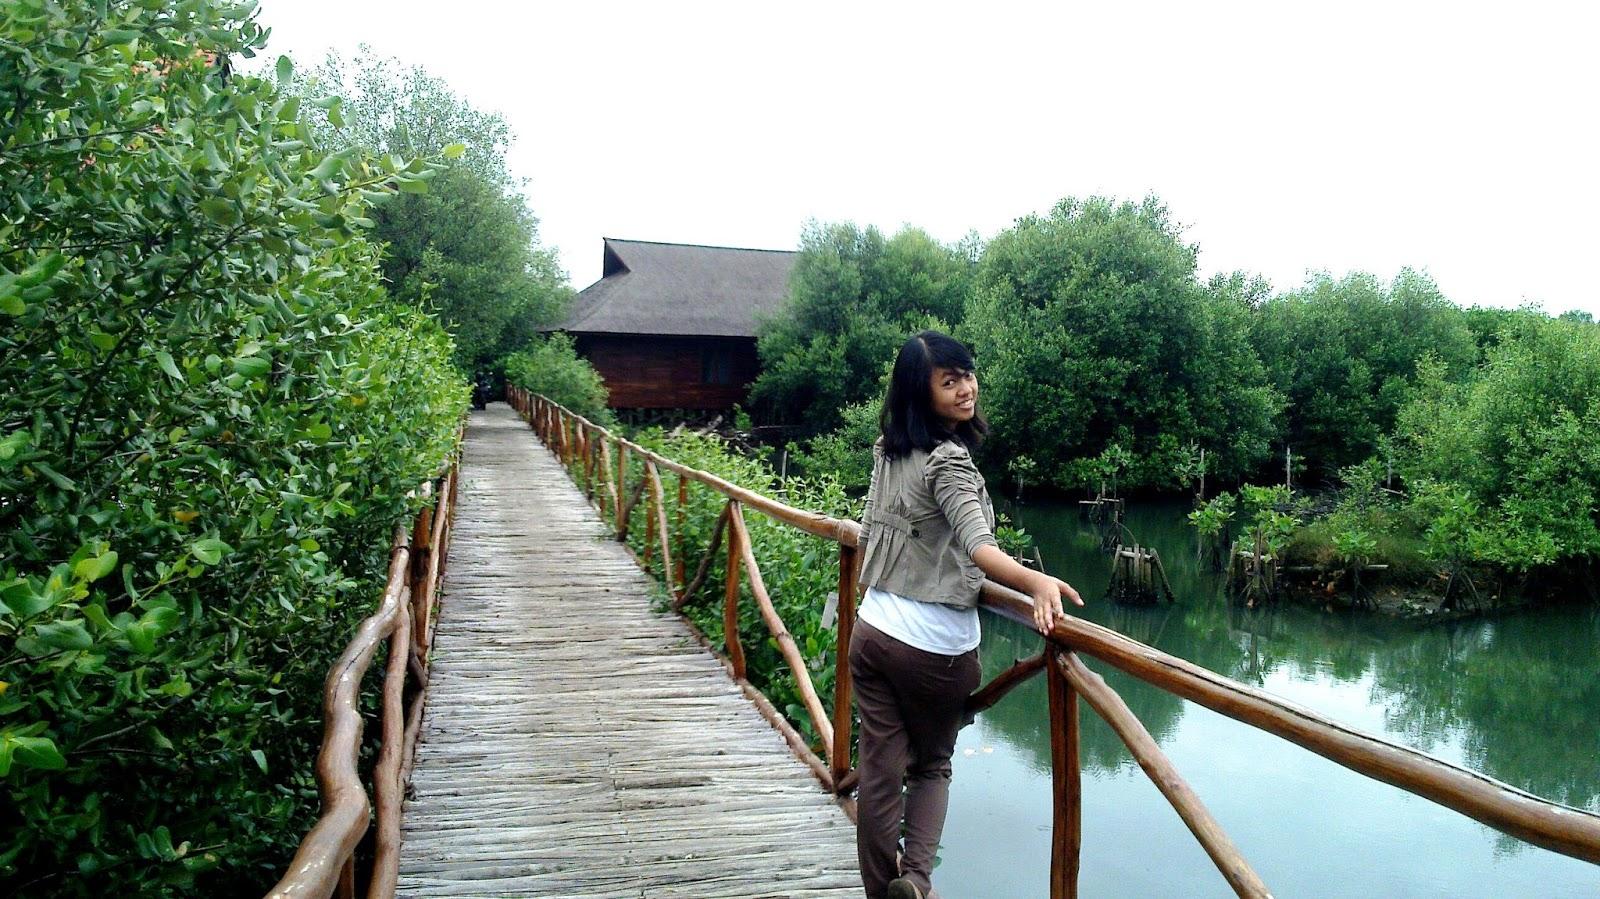 Pesona Wisata Kawasan Hutan Mangrove di Kebumen - Travel story of Indonesia